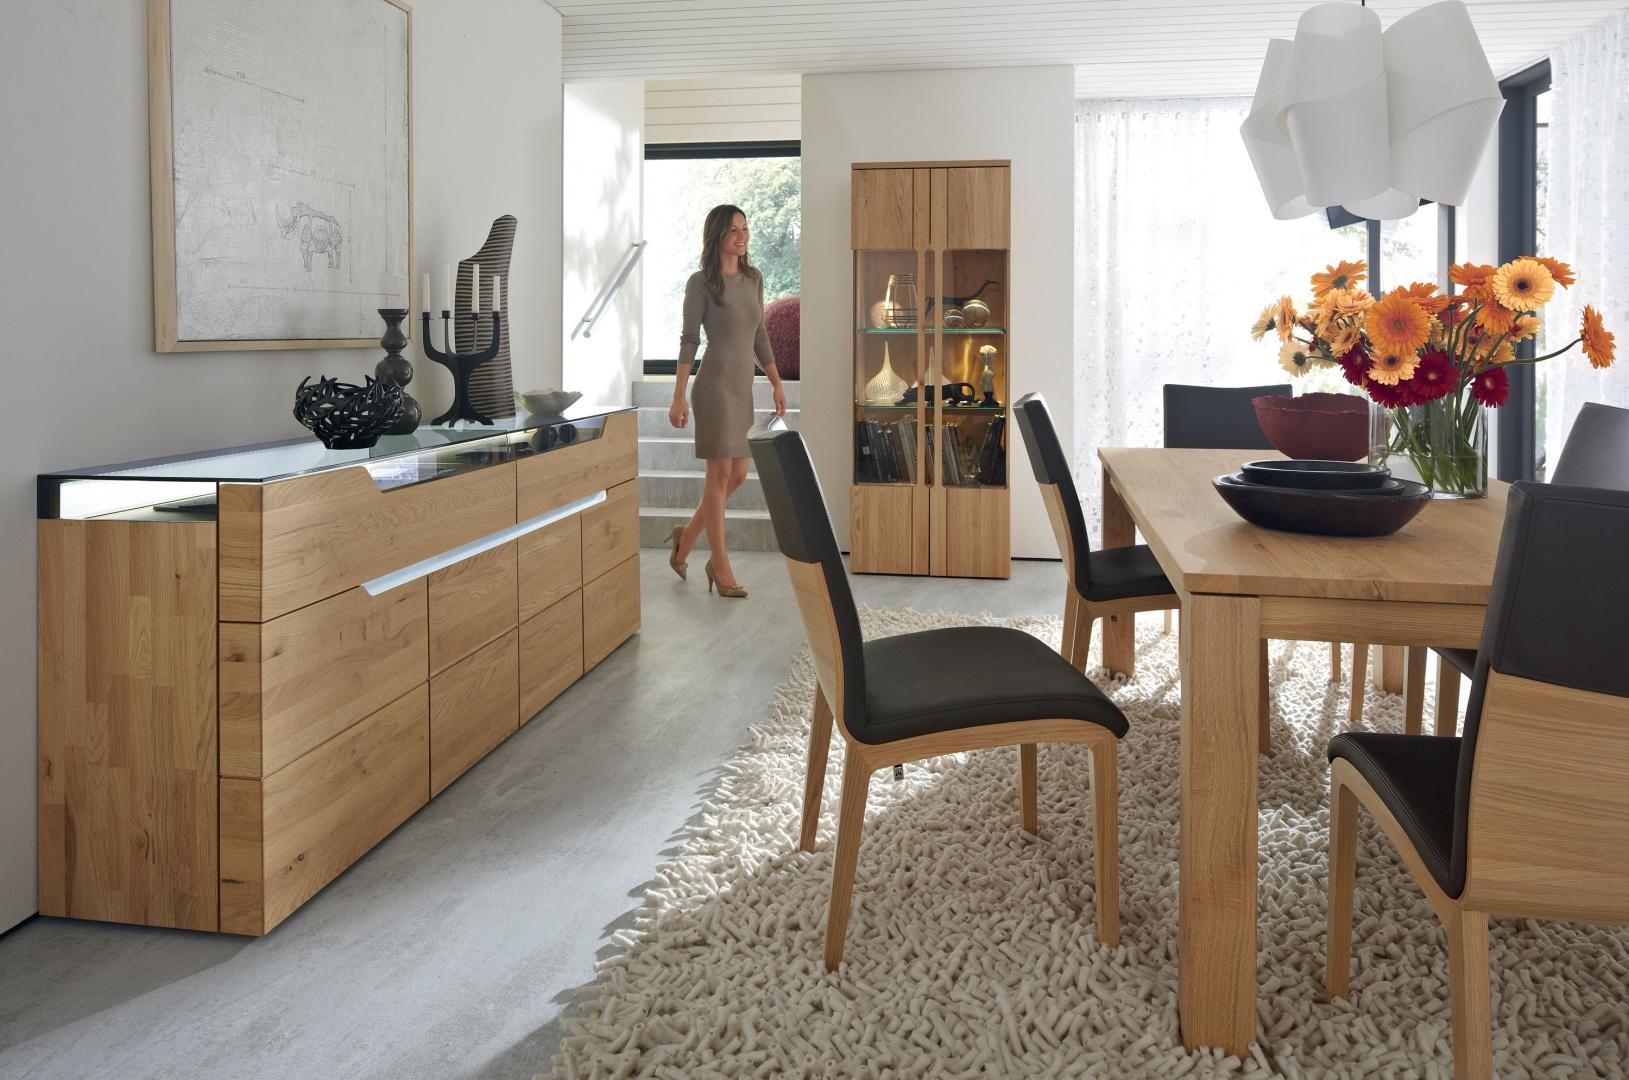 Eleganckie meble jadalniane Carva marki Hülsta, to efektowne połączenie naturalnego drewna i połyskującego szkła. Urzekają uniwersalnym wzornictwem oraz jakością wykonania. Fot. Hülsta.